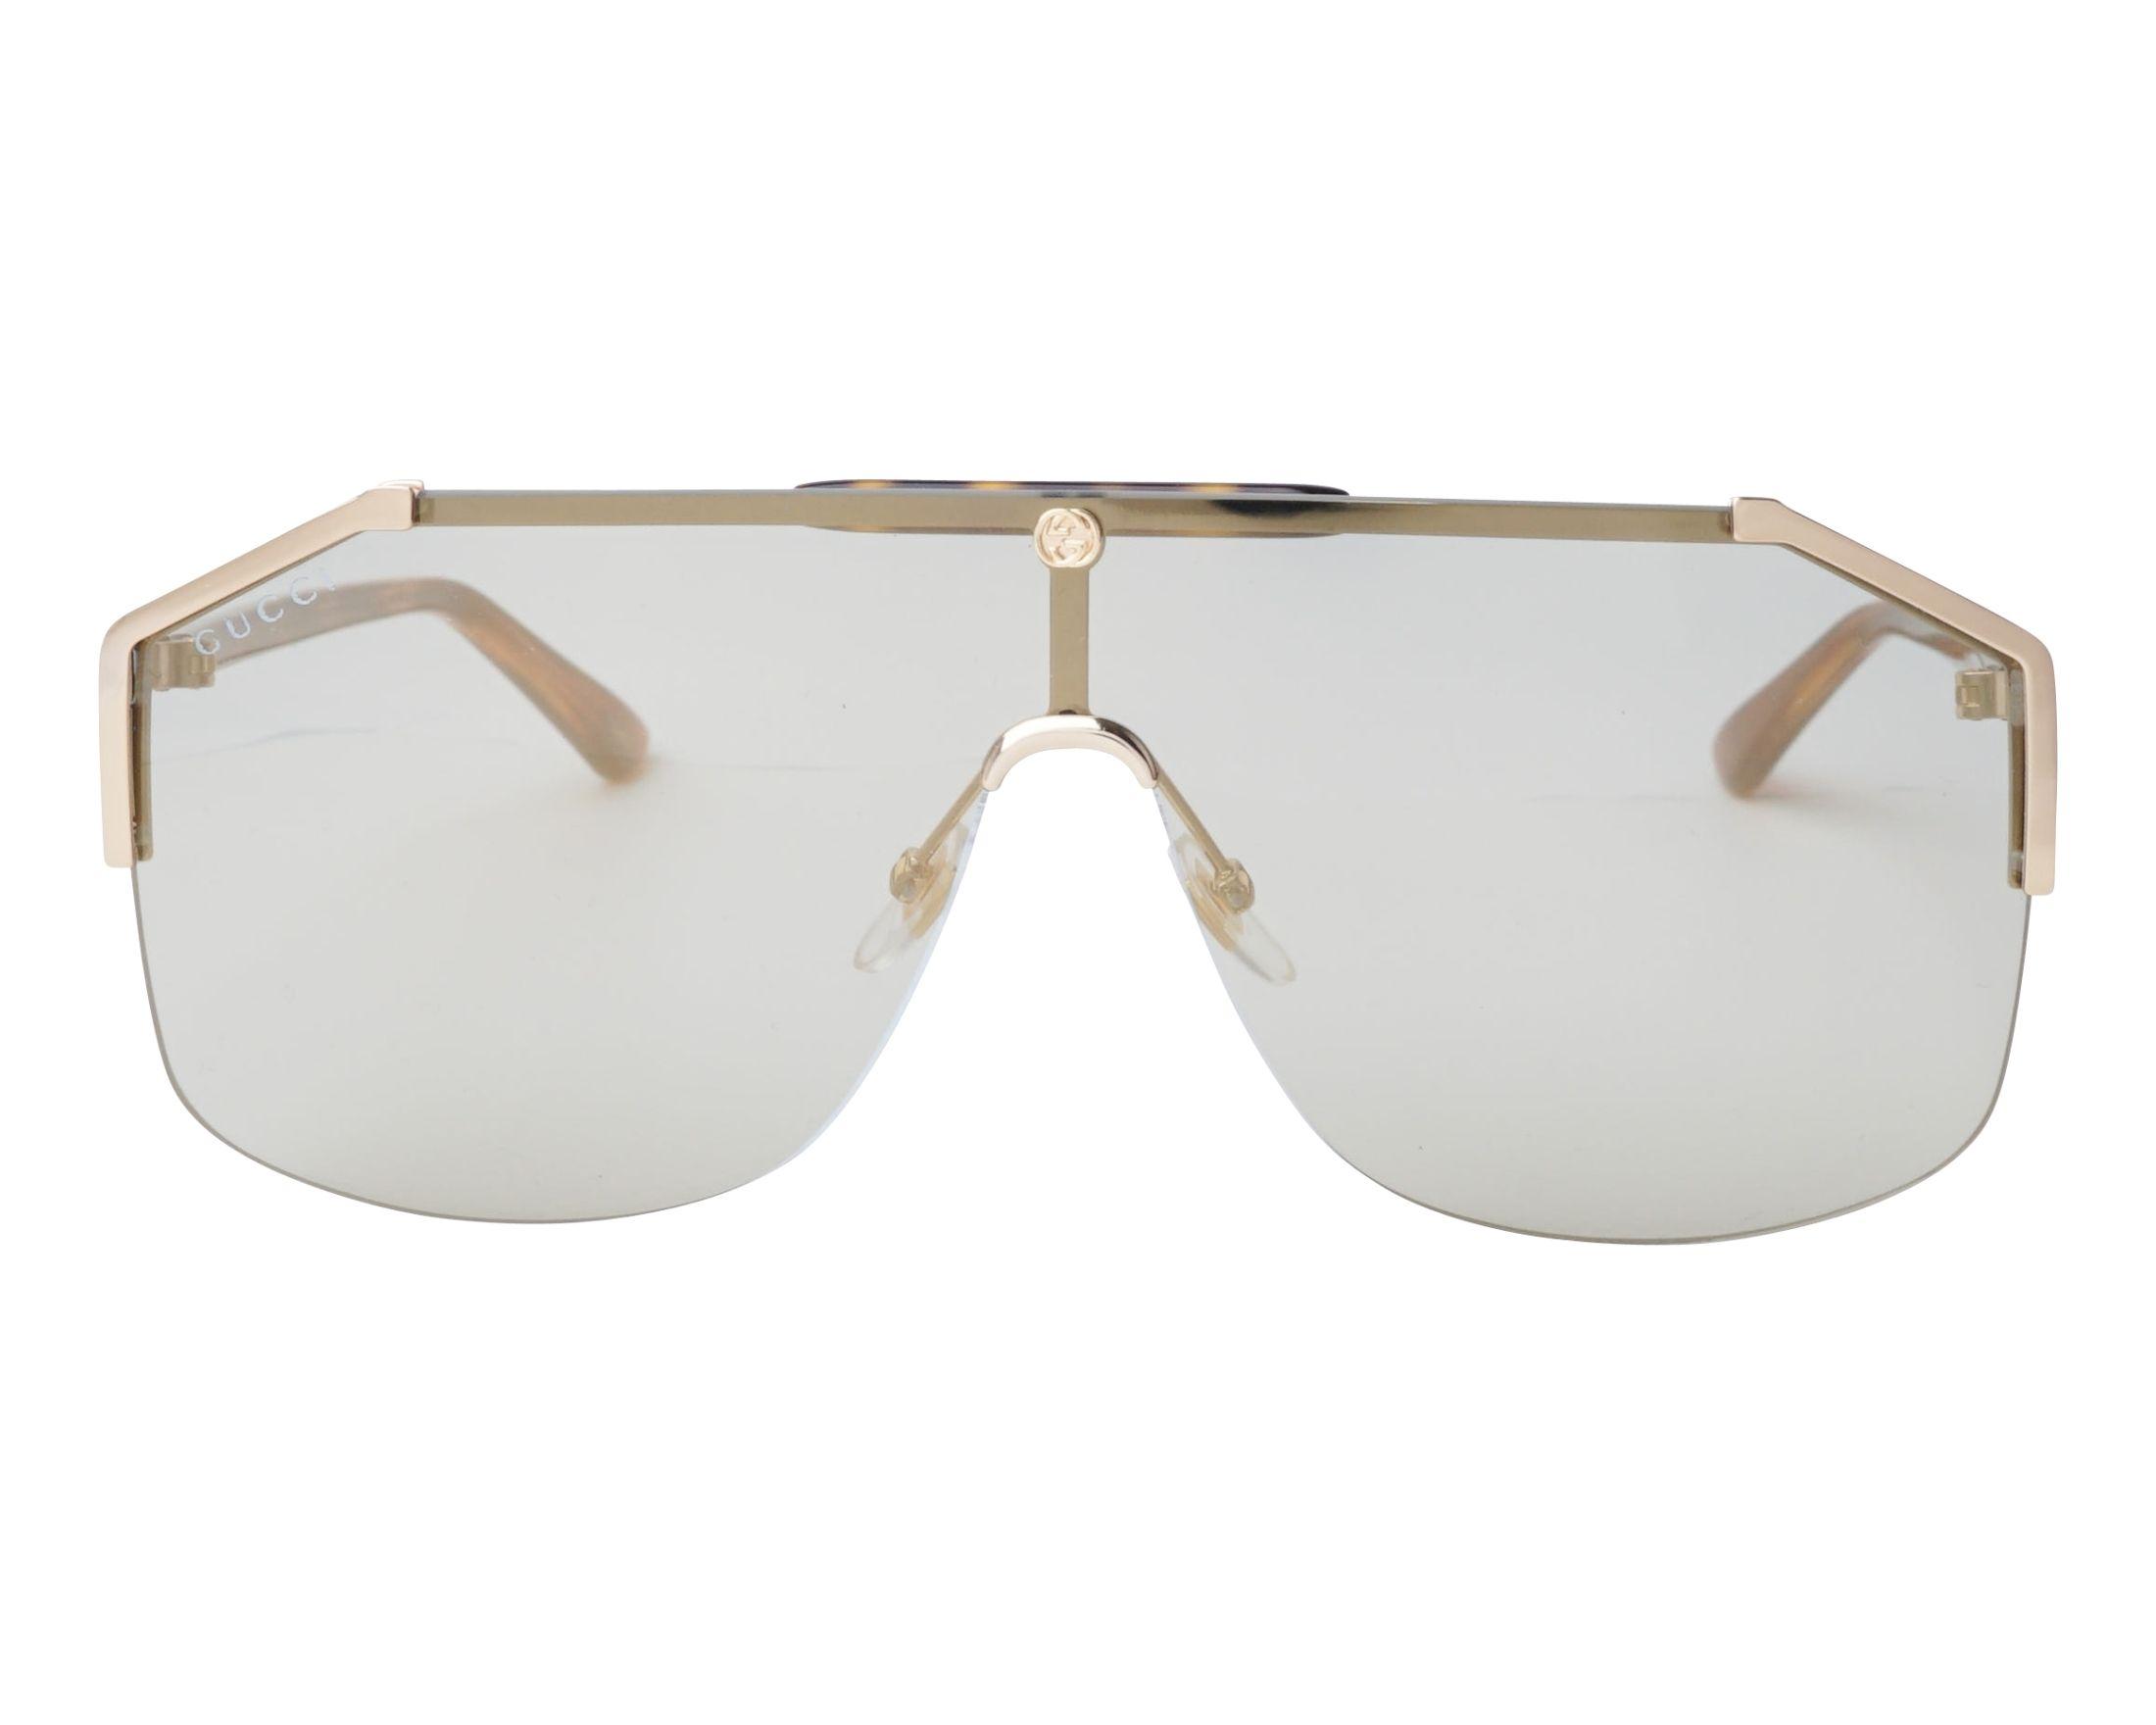 Sonnenbrillen Gucci GG0291S 005 3lWY80